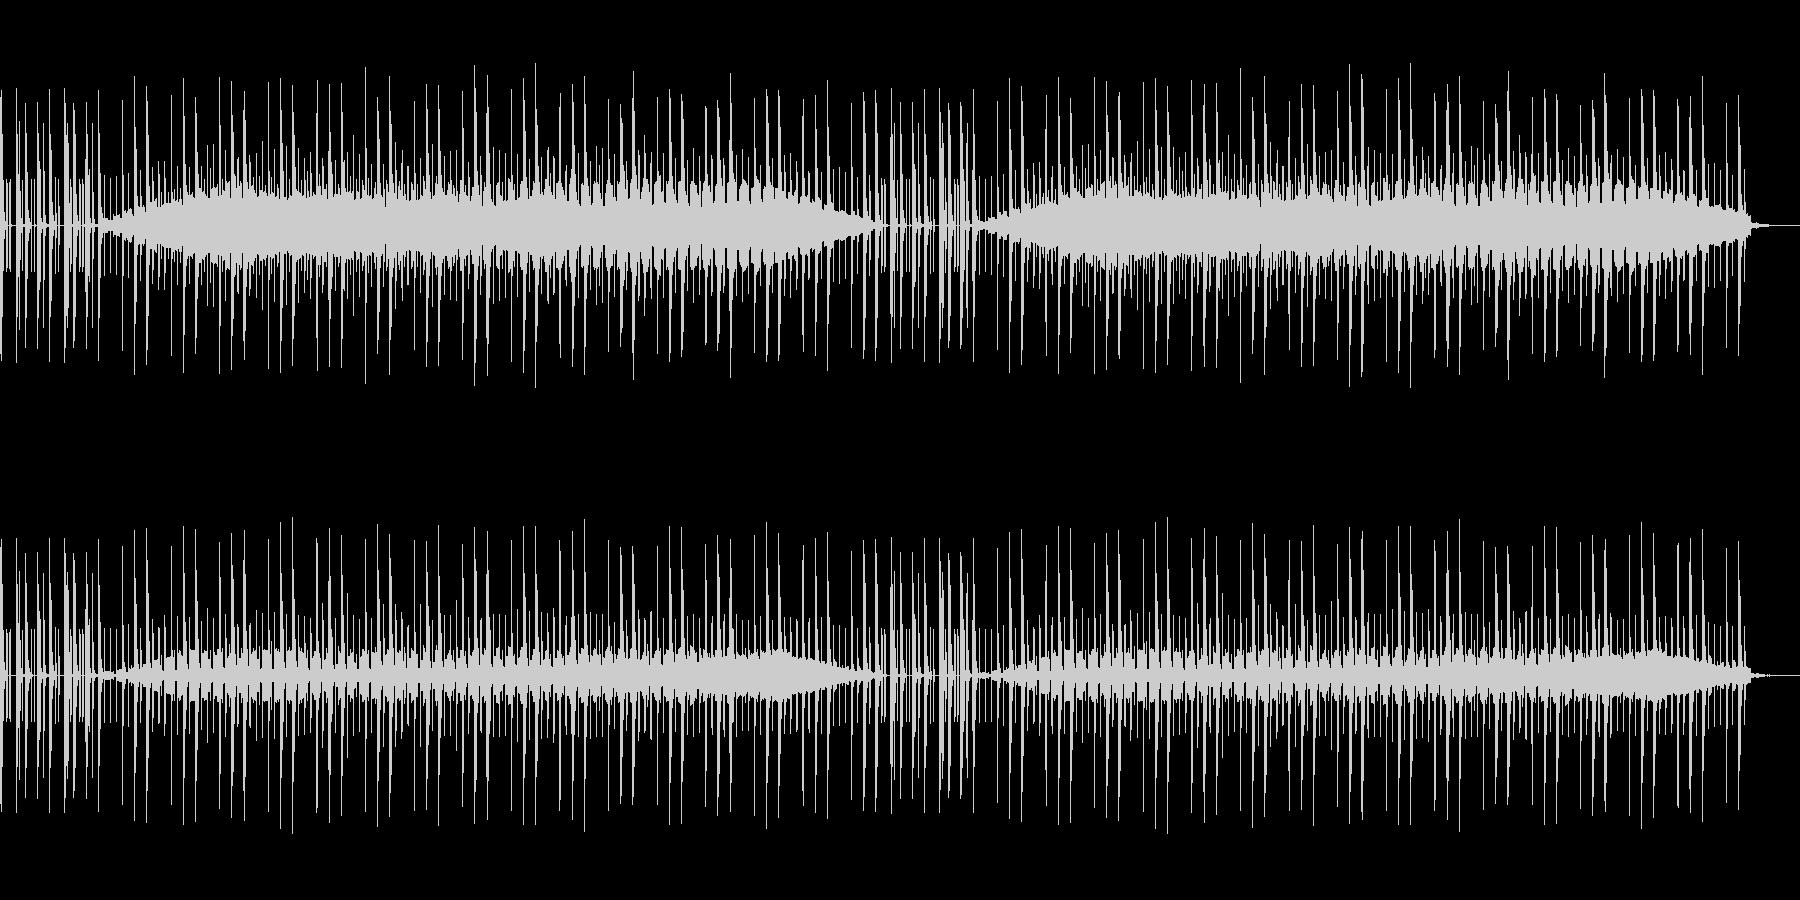 ニュースなどに使えるドラム主体のBGMの未再生の波形